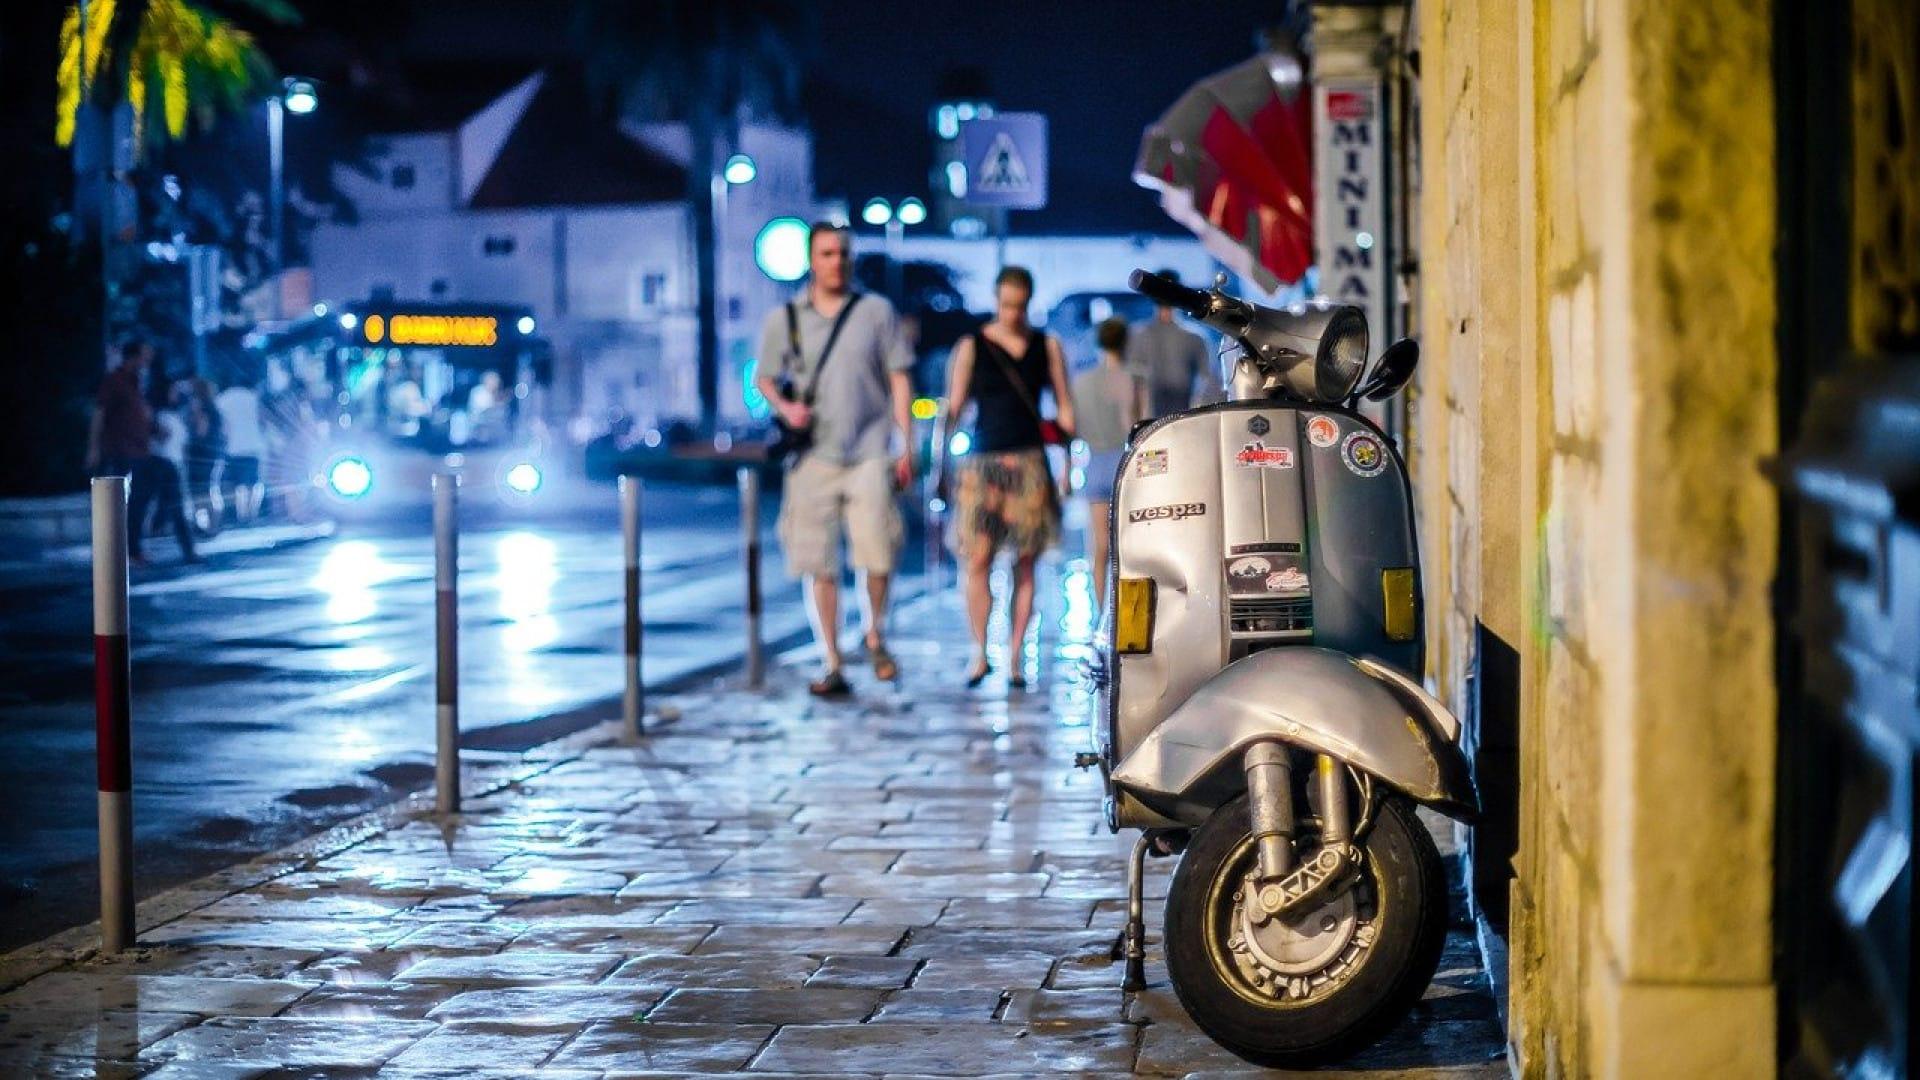 Quels sont les avantages de la location de scooters?